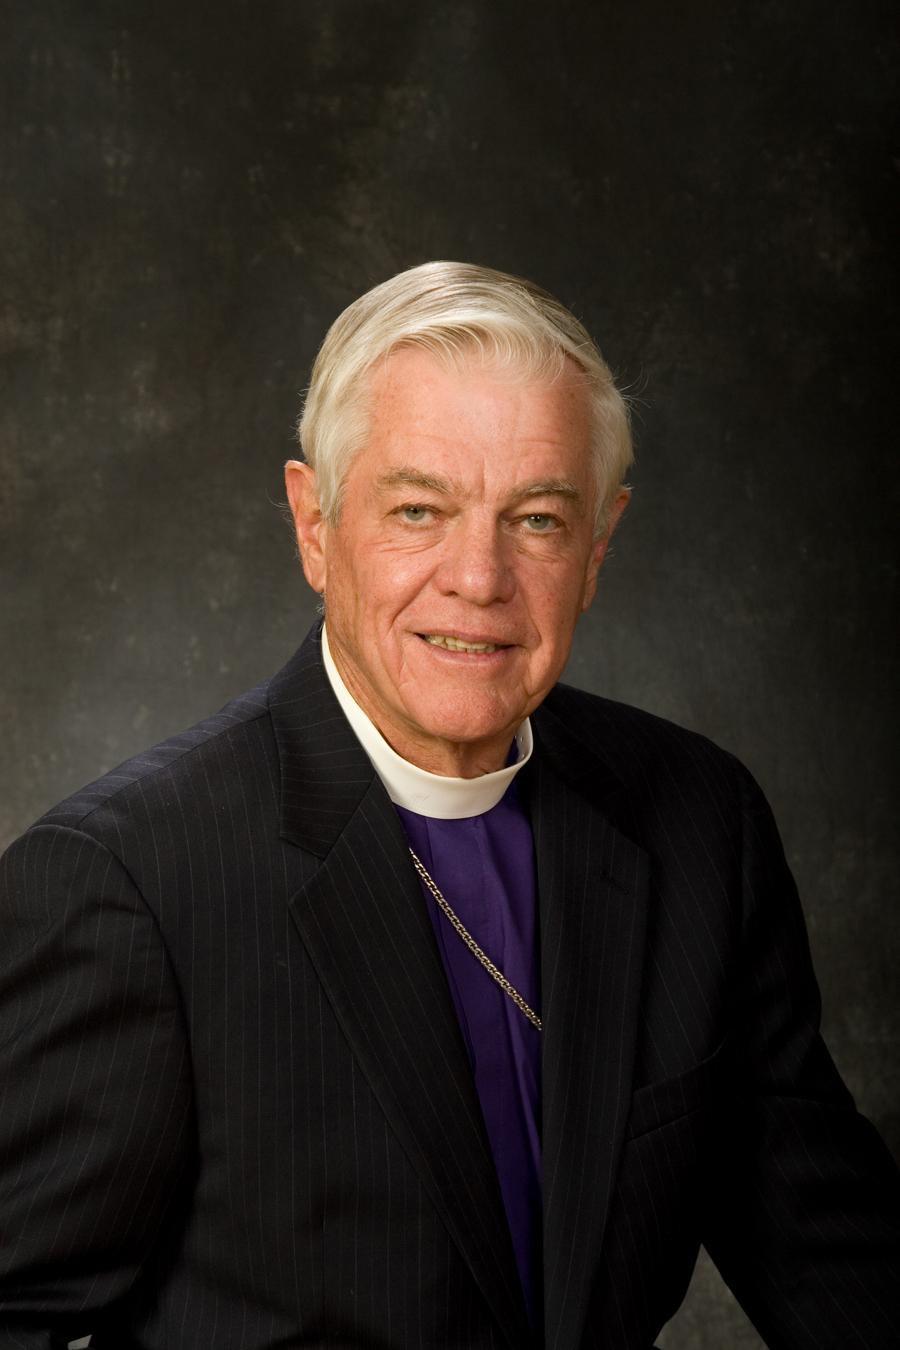 Bishop William Jerry Winterrowd